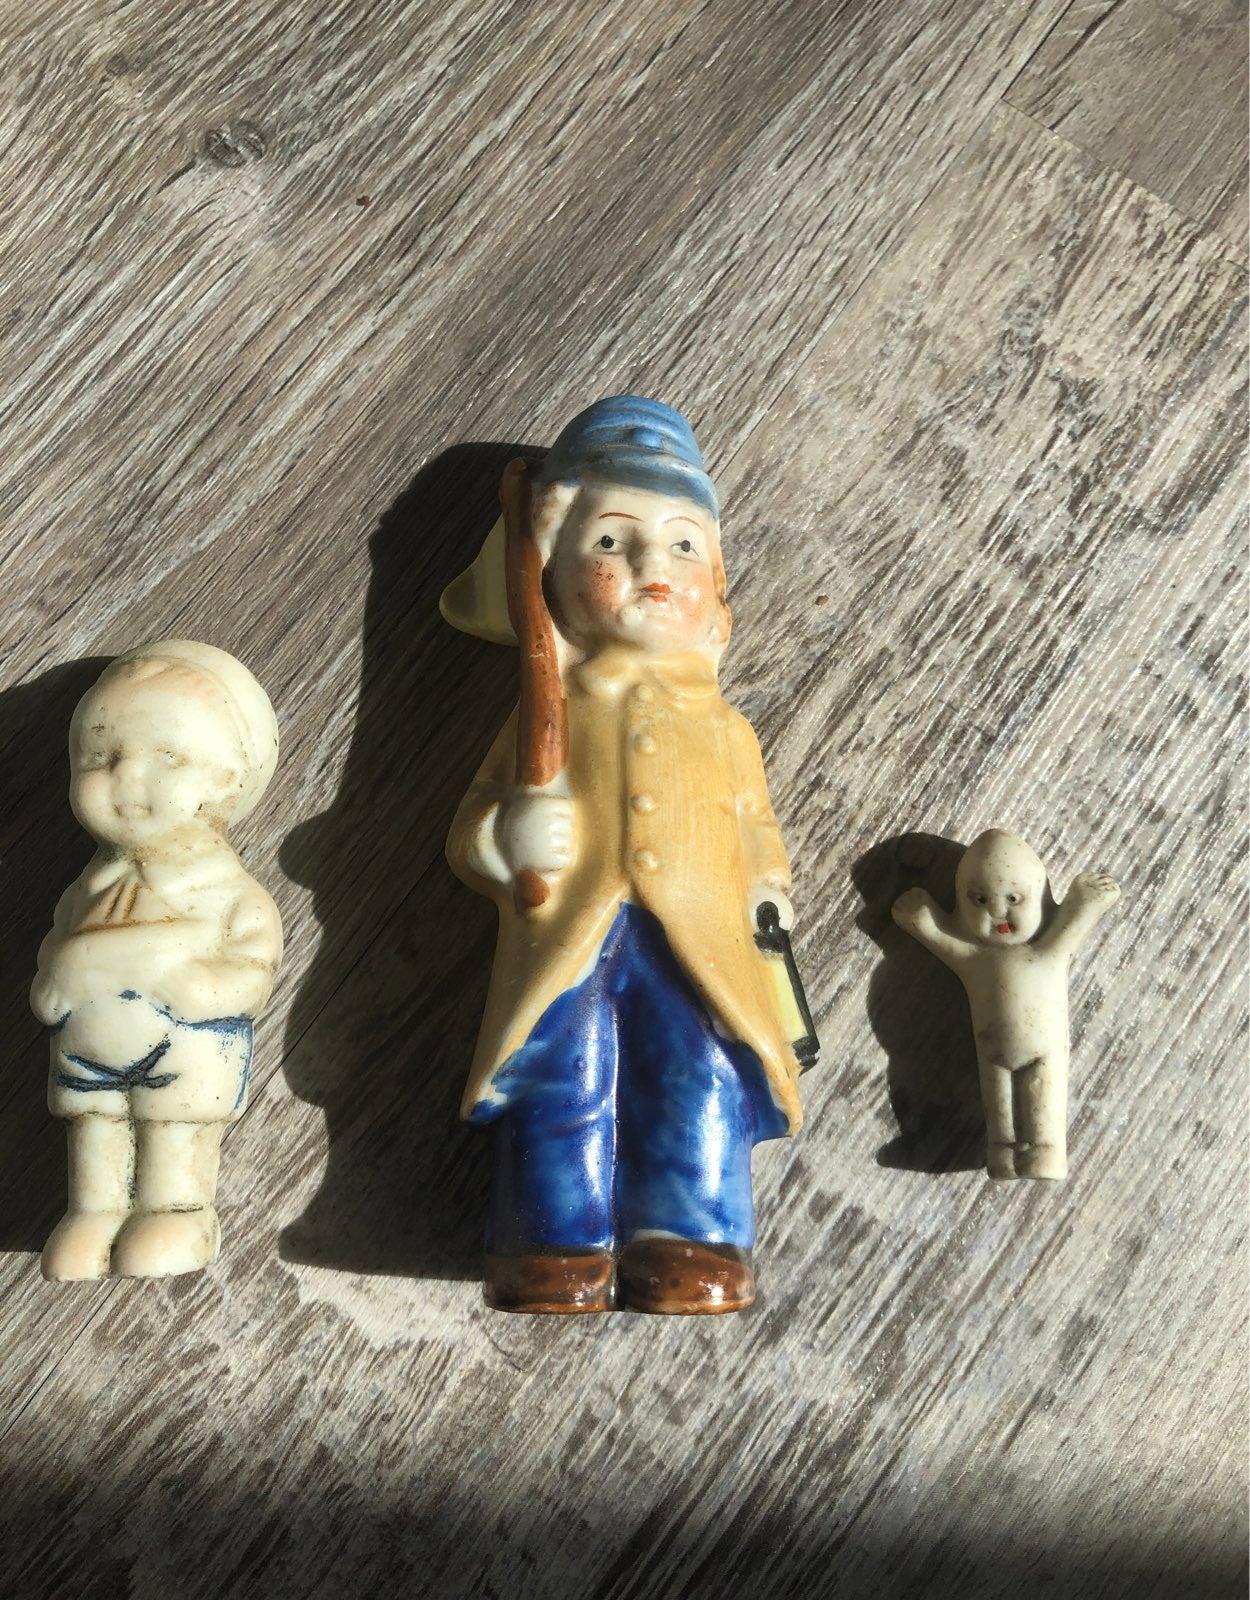 Vintage porclain dolls